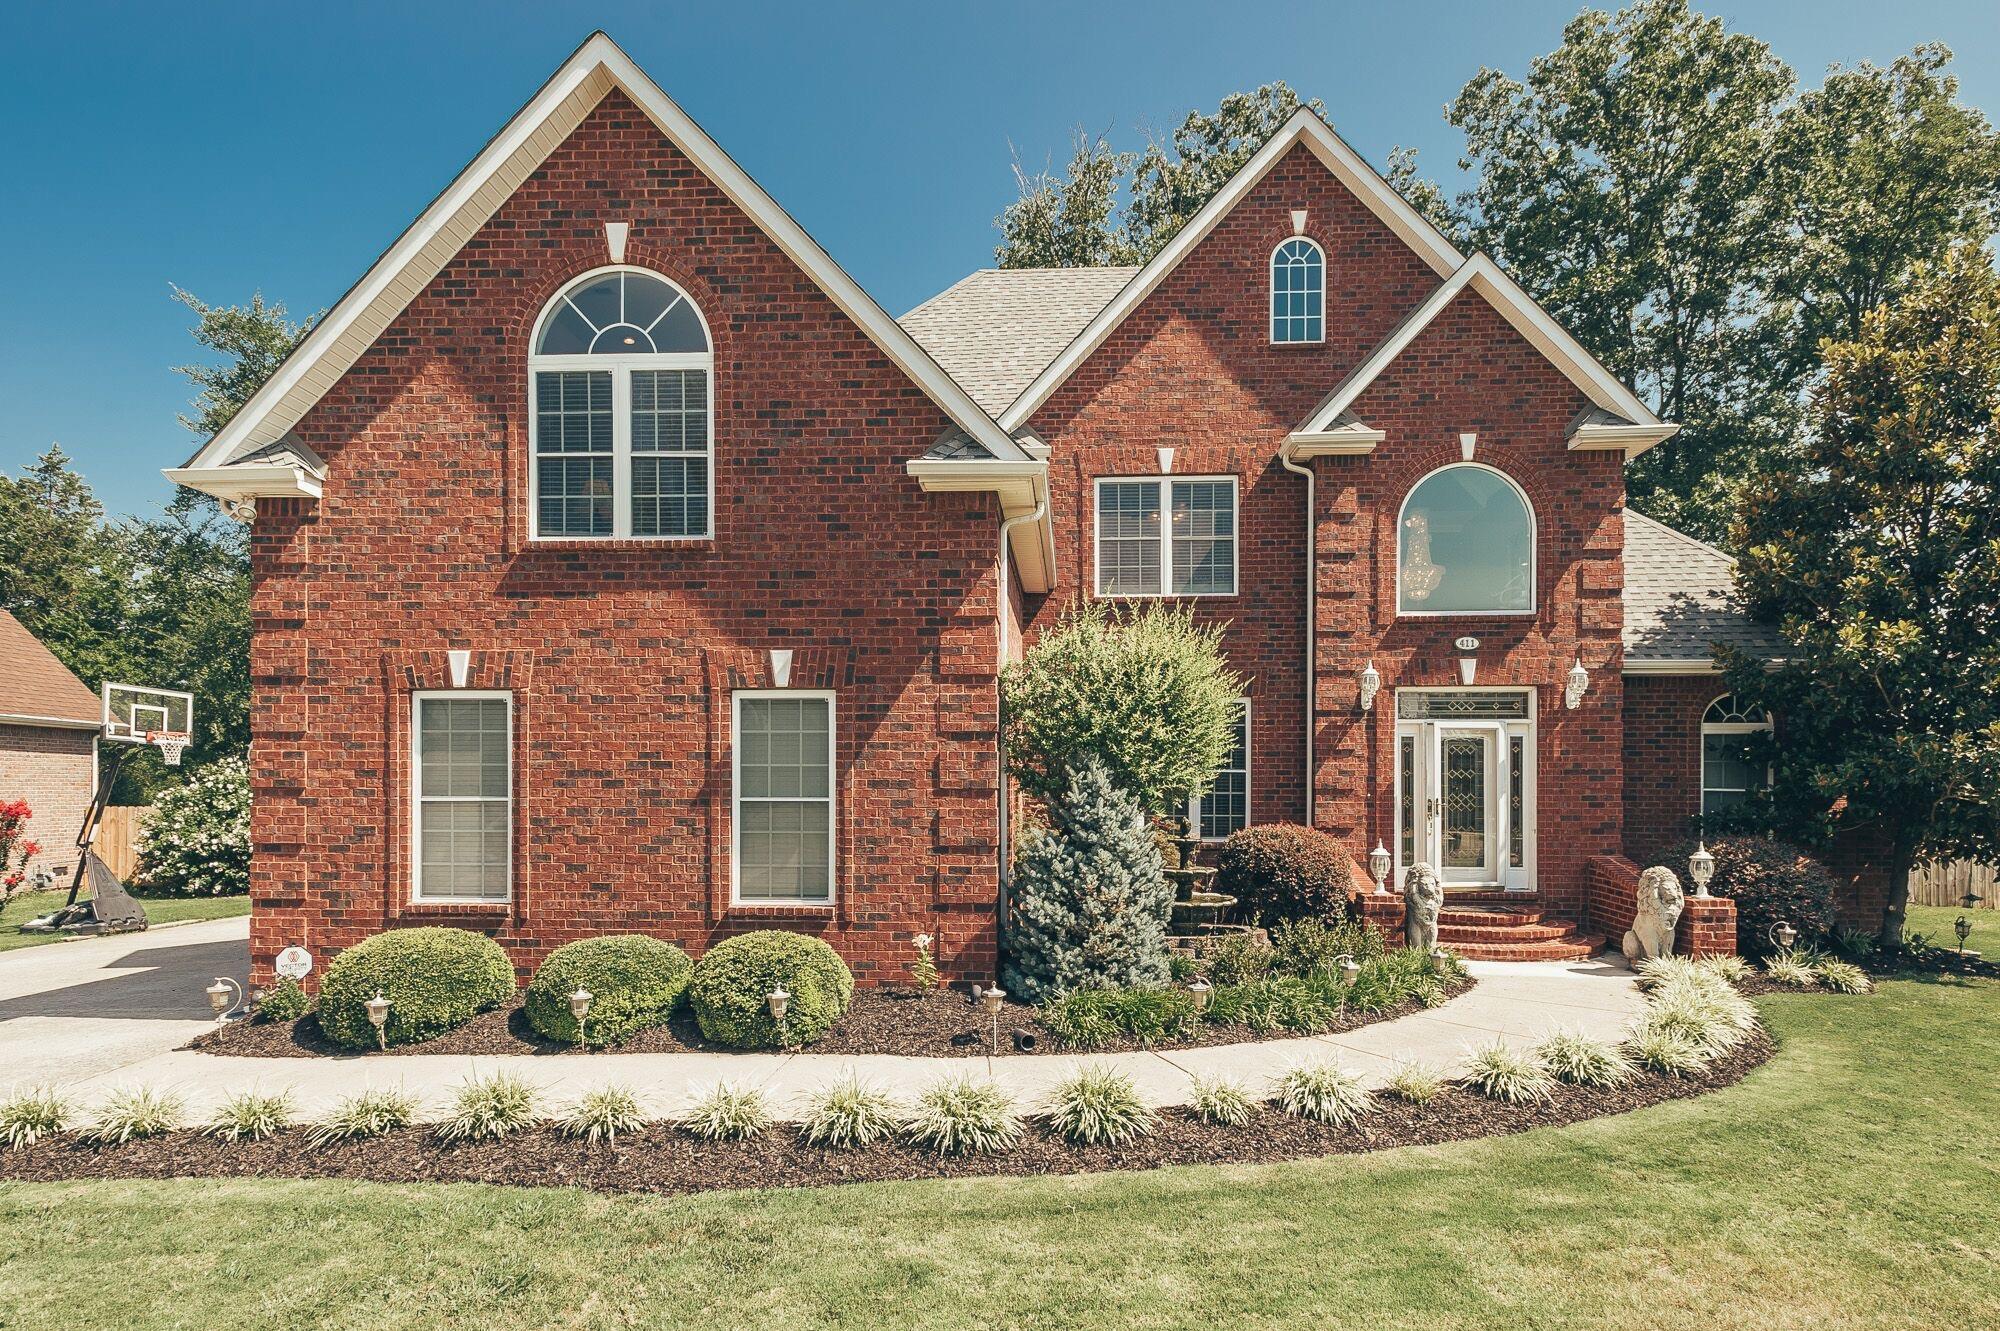 411 Annadel St, Murfreesboro, TN 37128